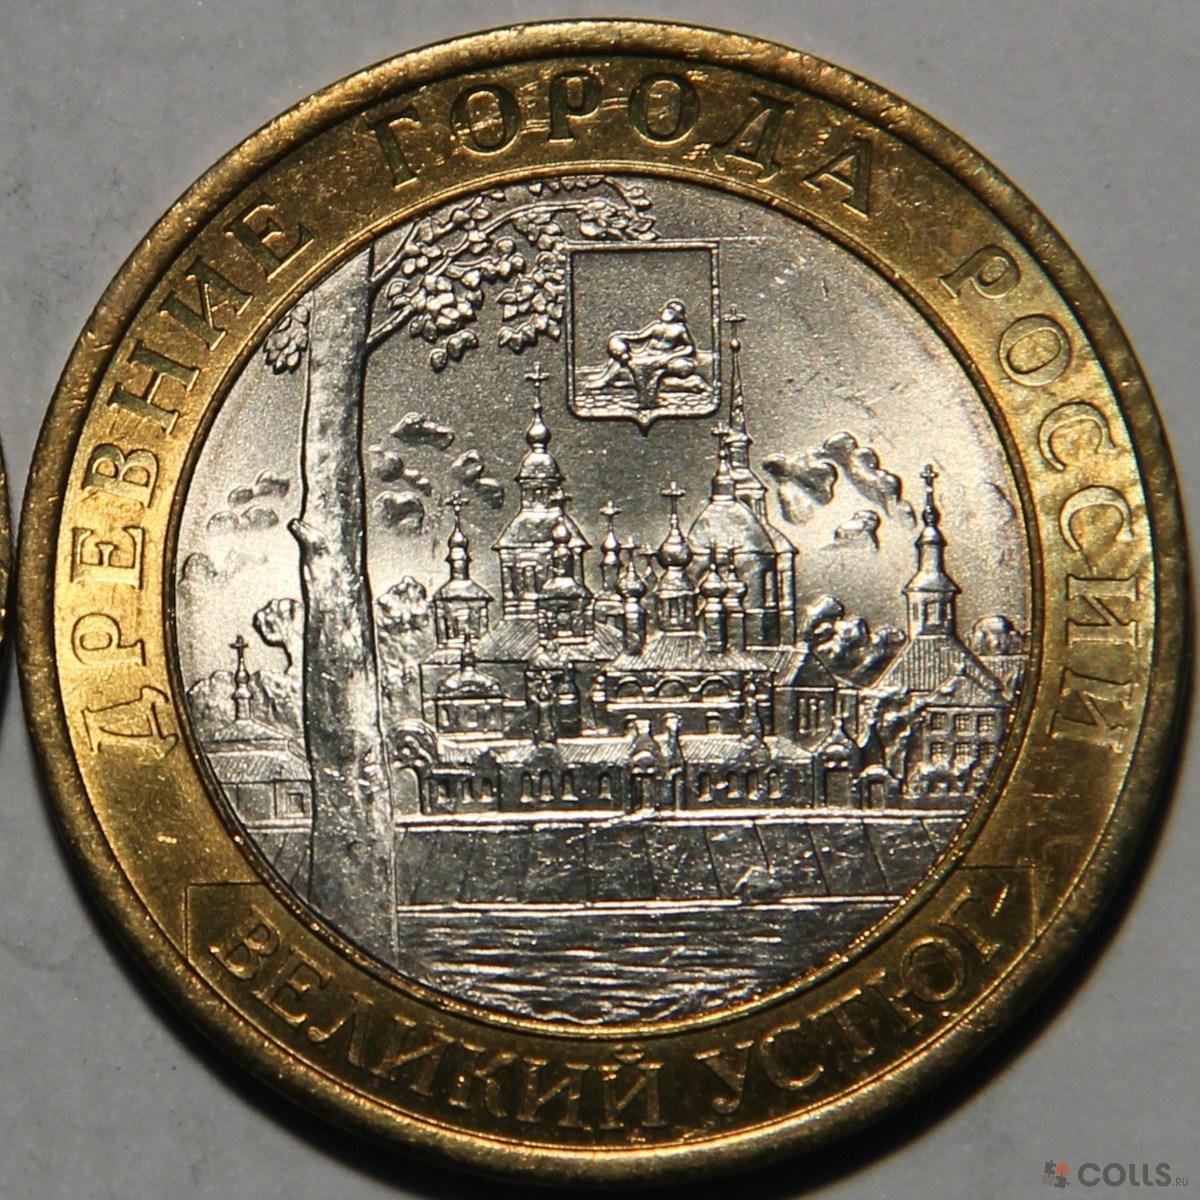 10 рублей великий устюг фил тракт